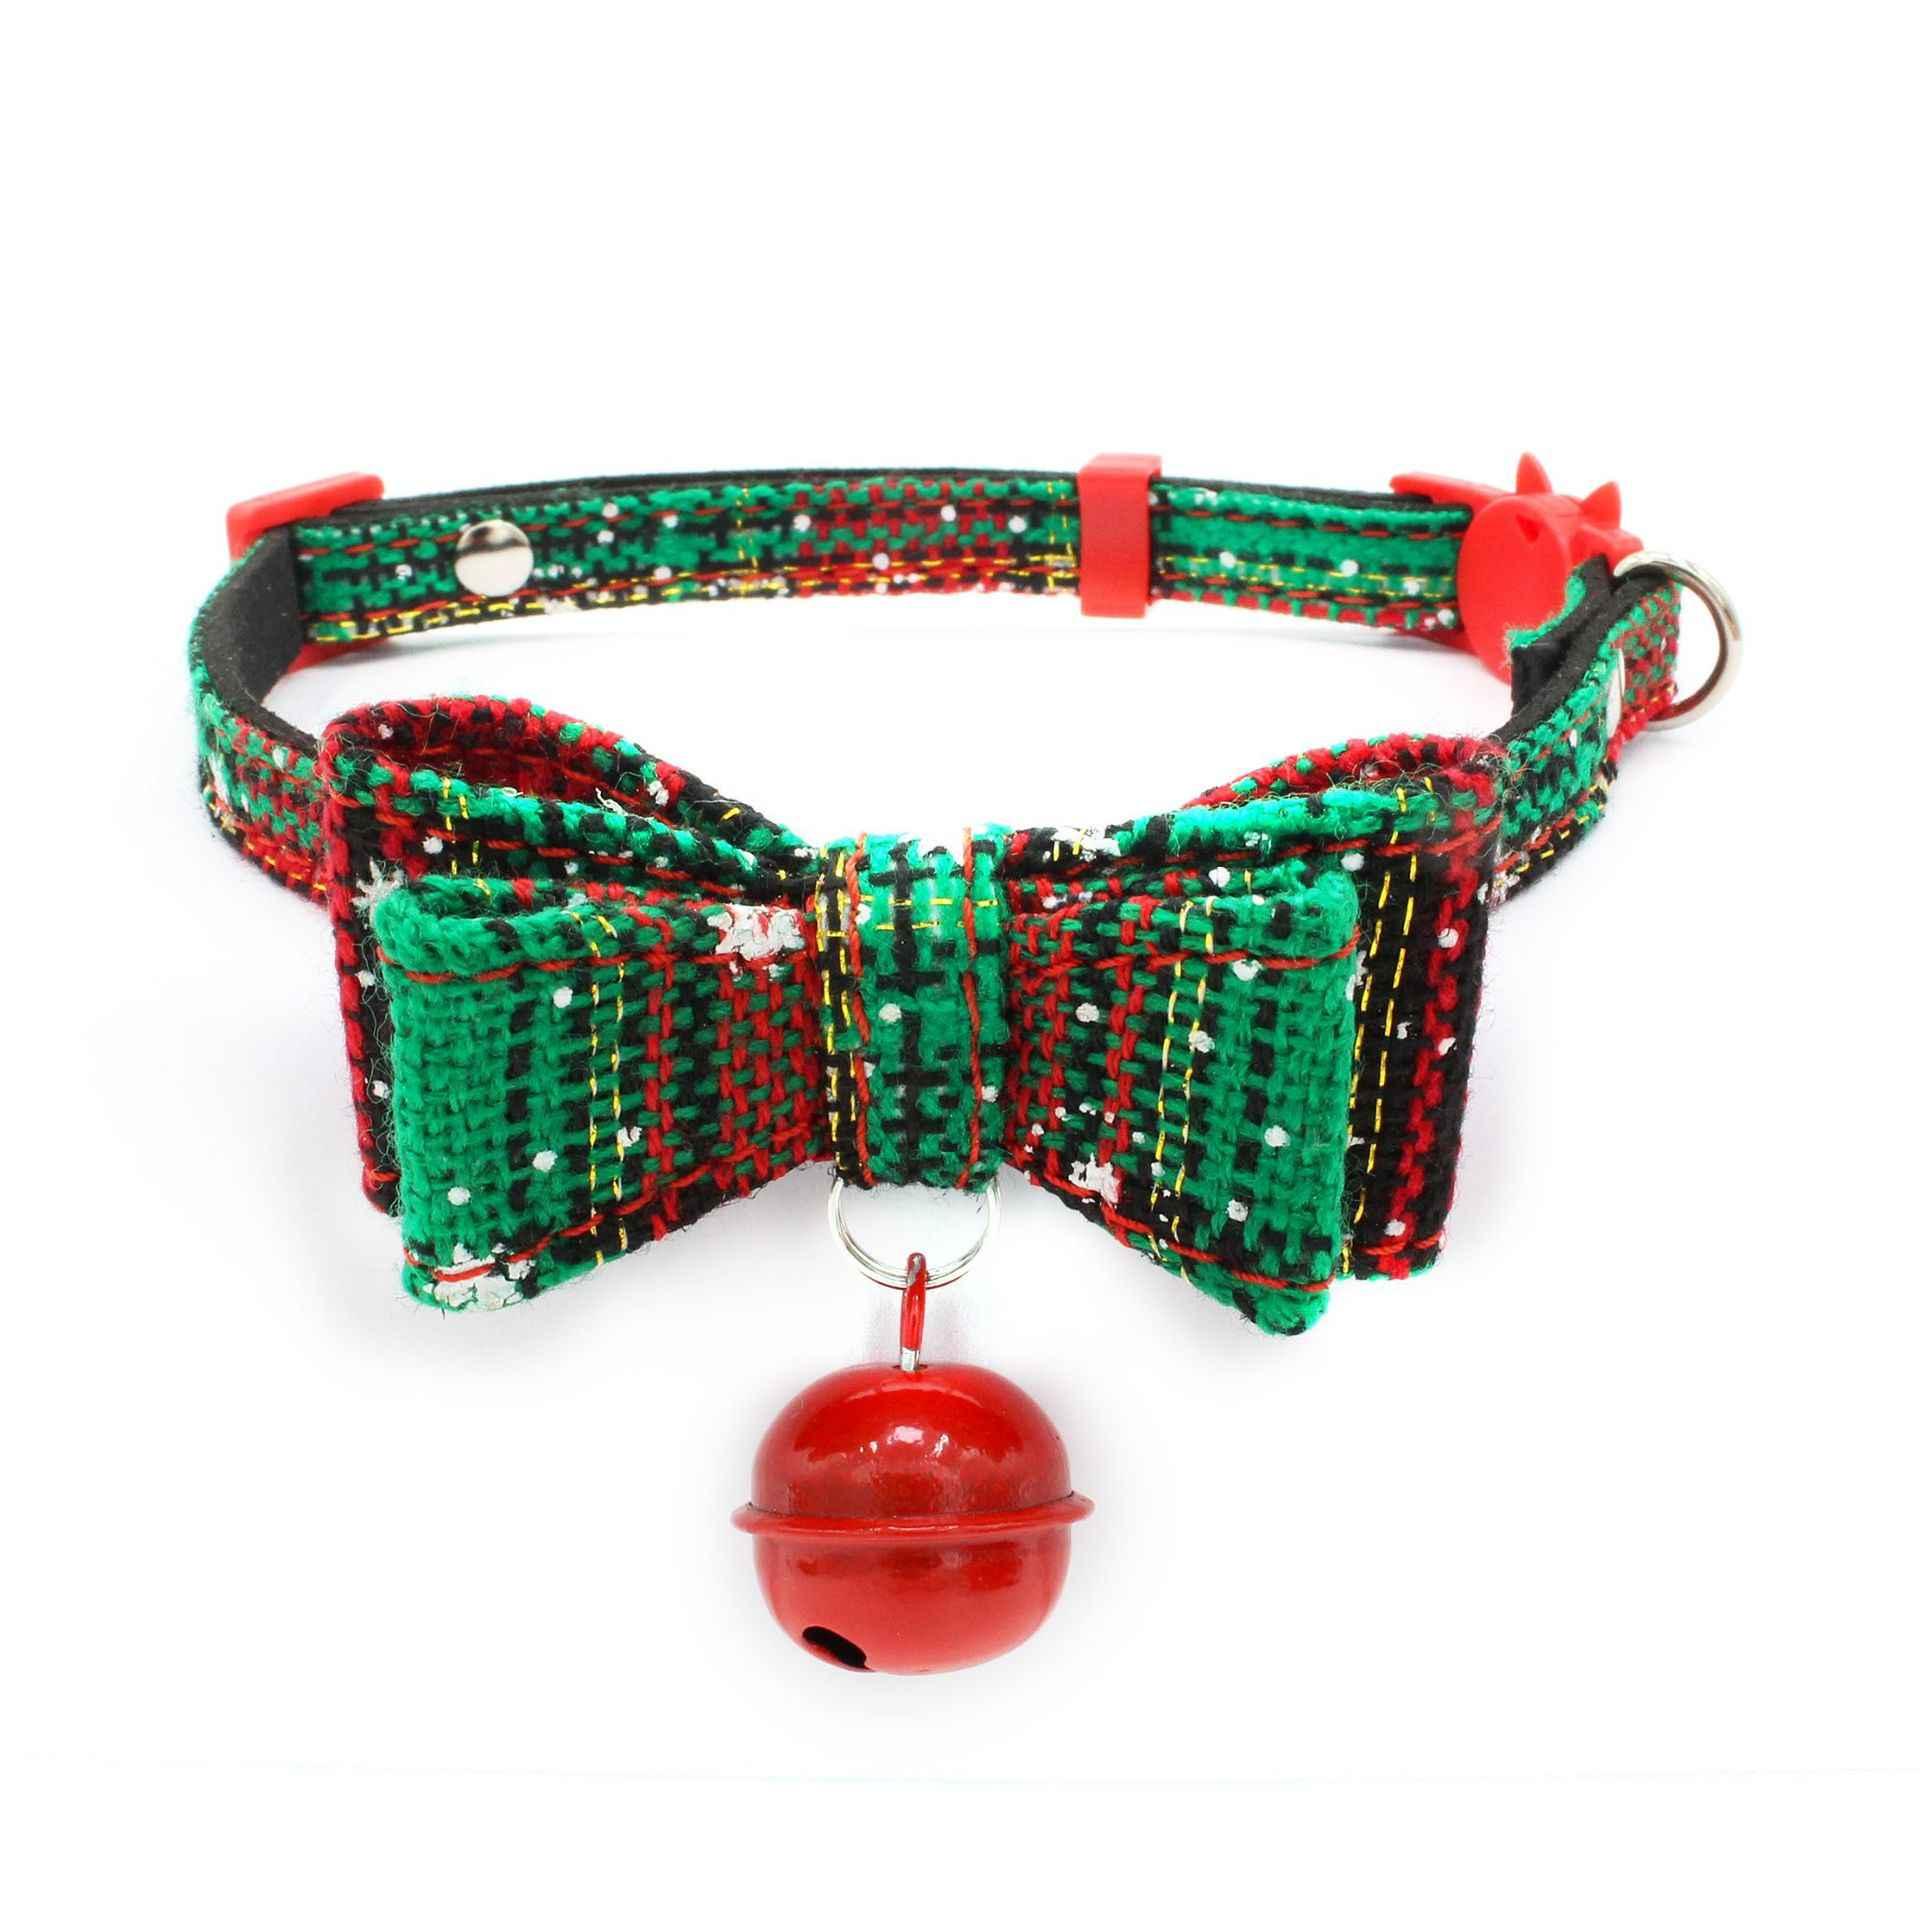 猫の首輪繊維ネックリングキティベルクリスマスホリデー猫ボウ首輪離脱調節可能なネックレス猫のアクセサリー